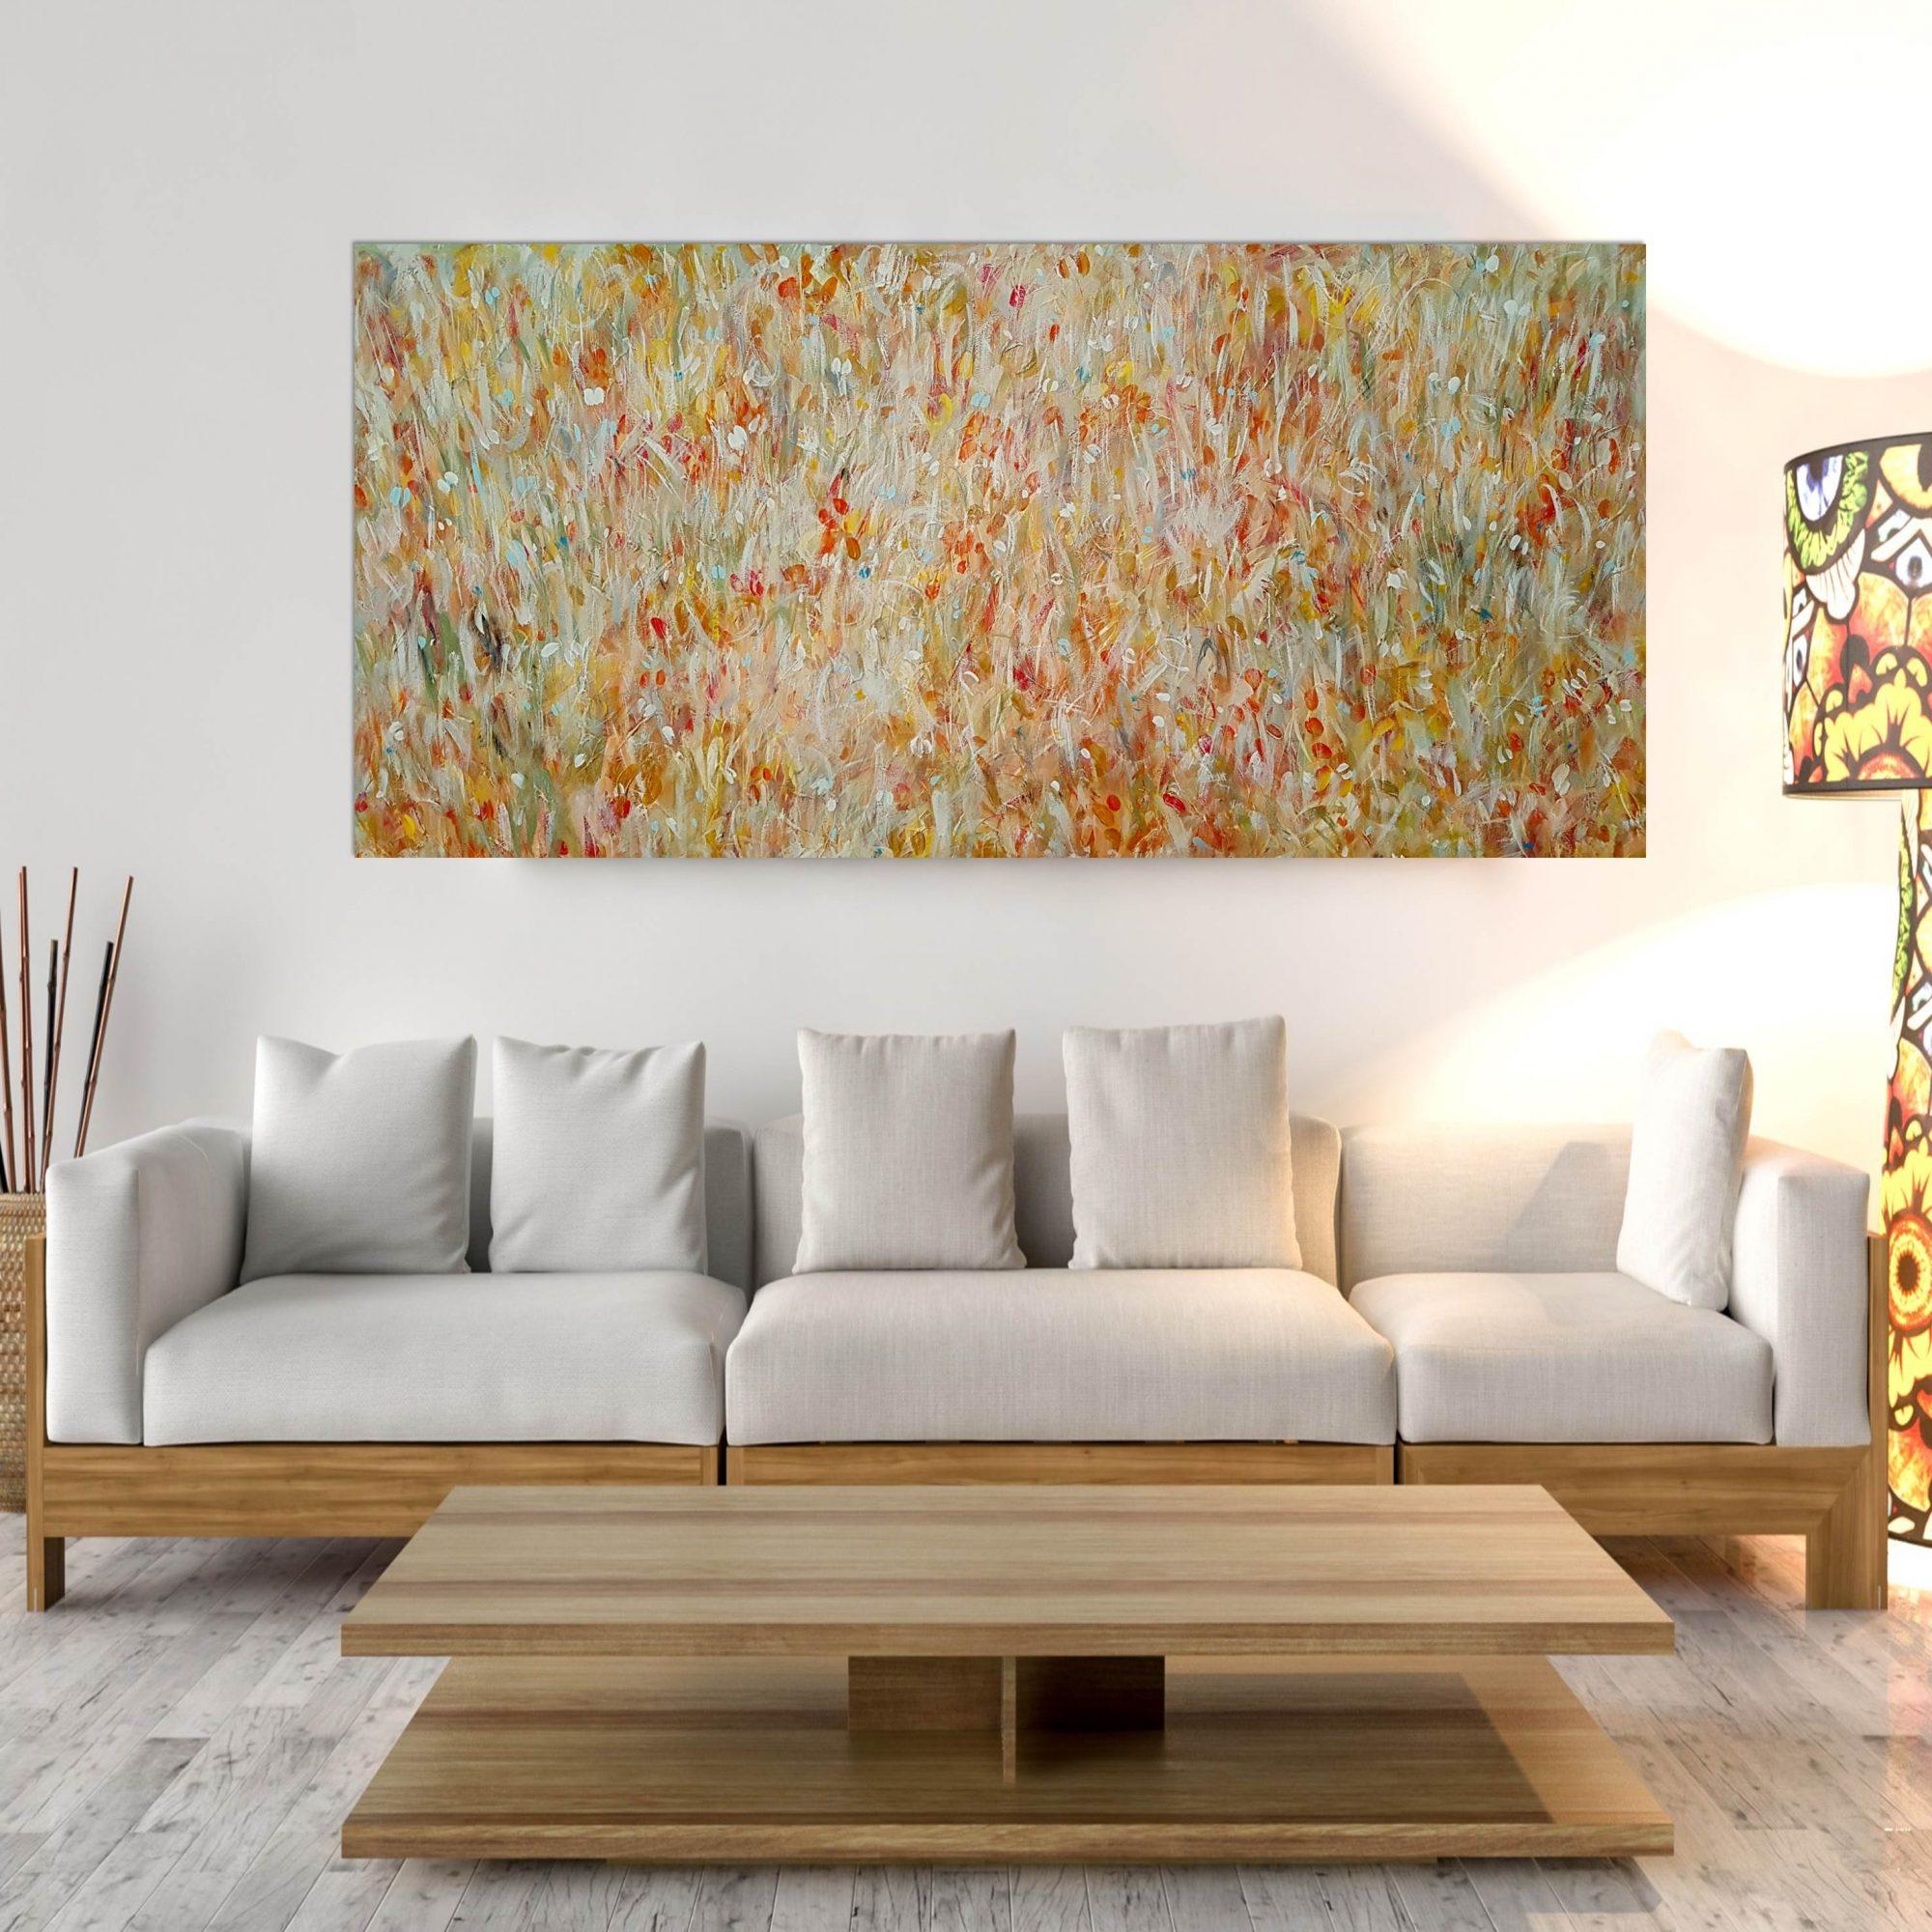 poppy-fields-light-lounge-wood-coffe-table